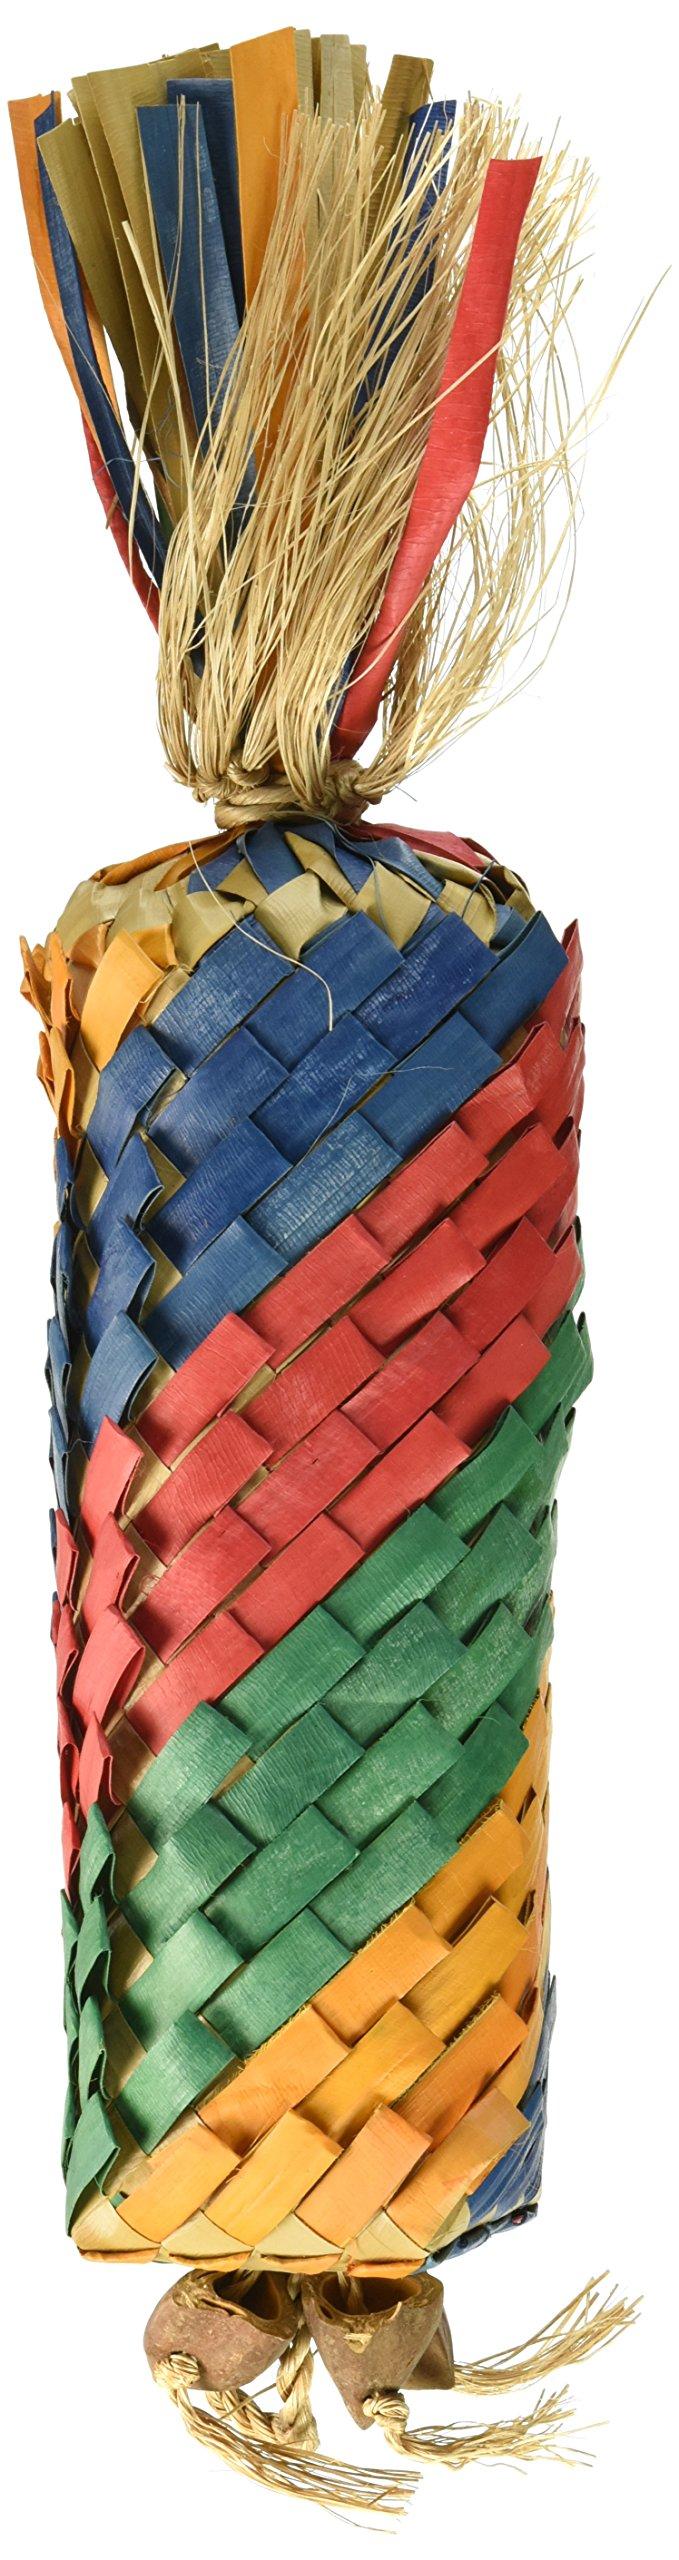 Planet Pleasures Rainbow Piñata Diagonal Toy, Large